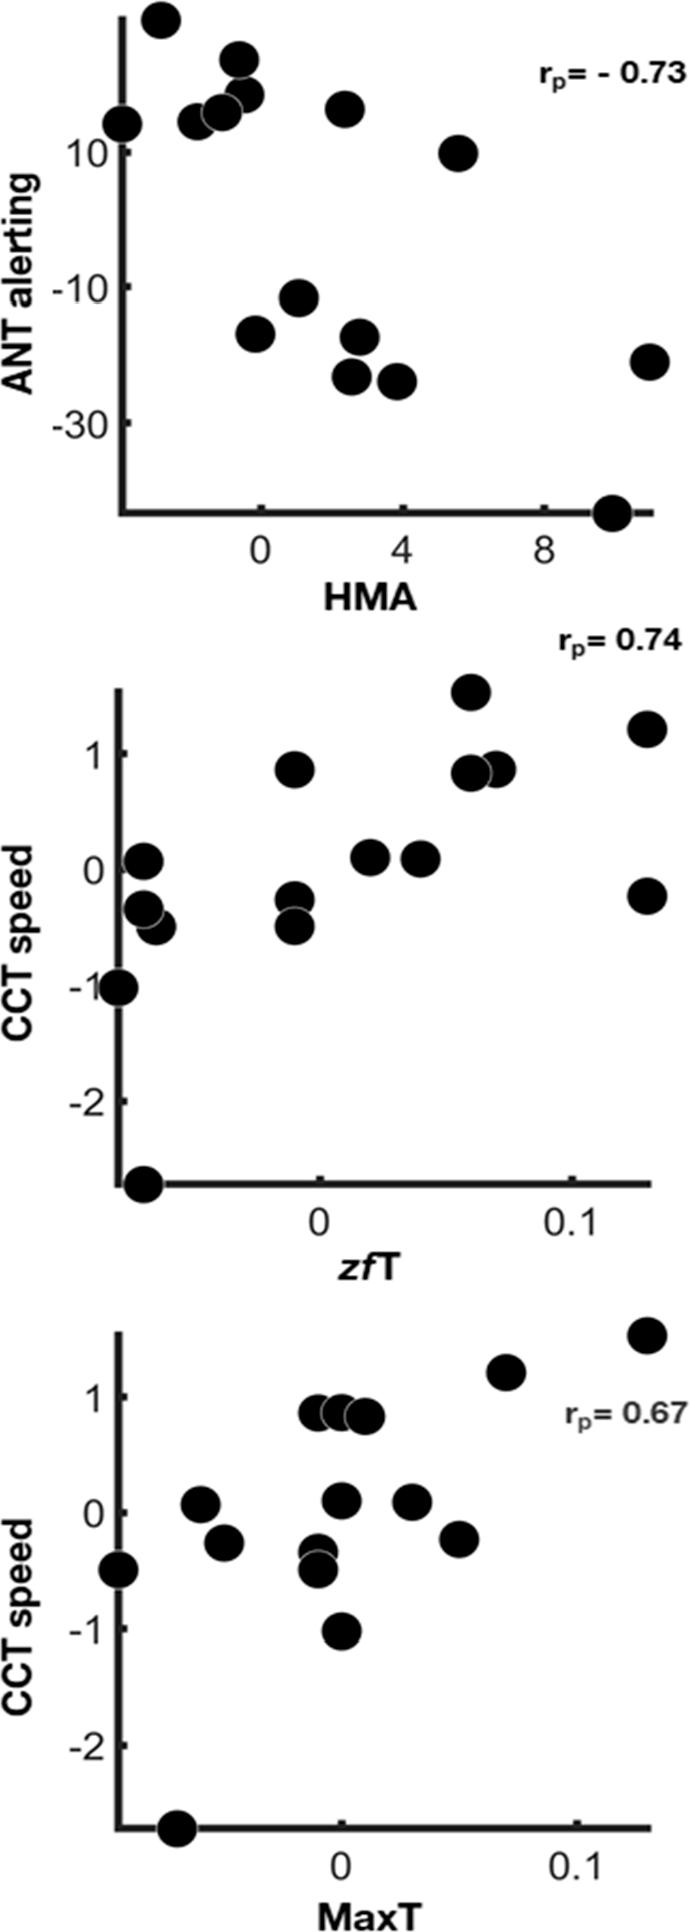 散点图显示,在校正了TLX的精神和身体需求之后,生理指标与认知指标从基线到睡眠剥夺后的状态变化之间的关联.png